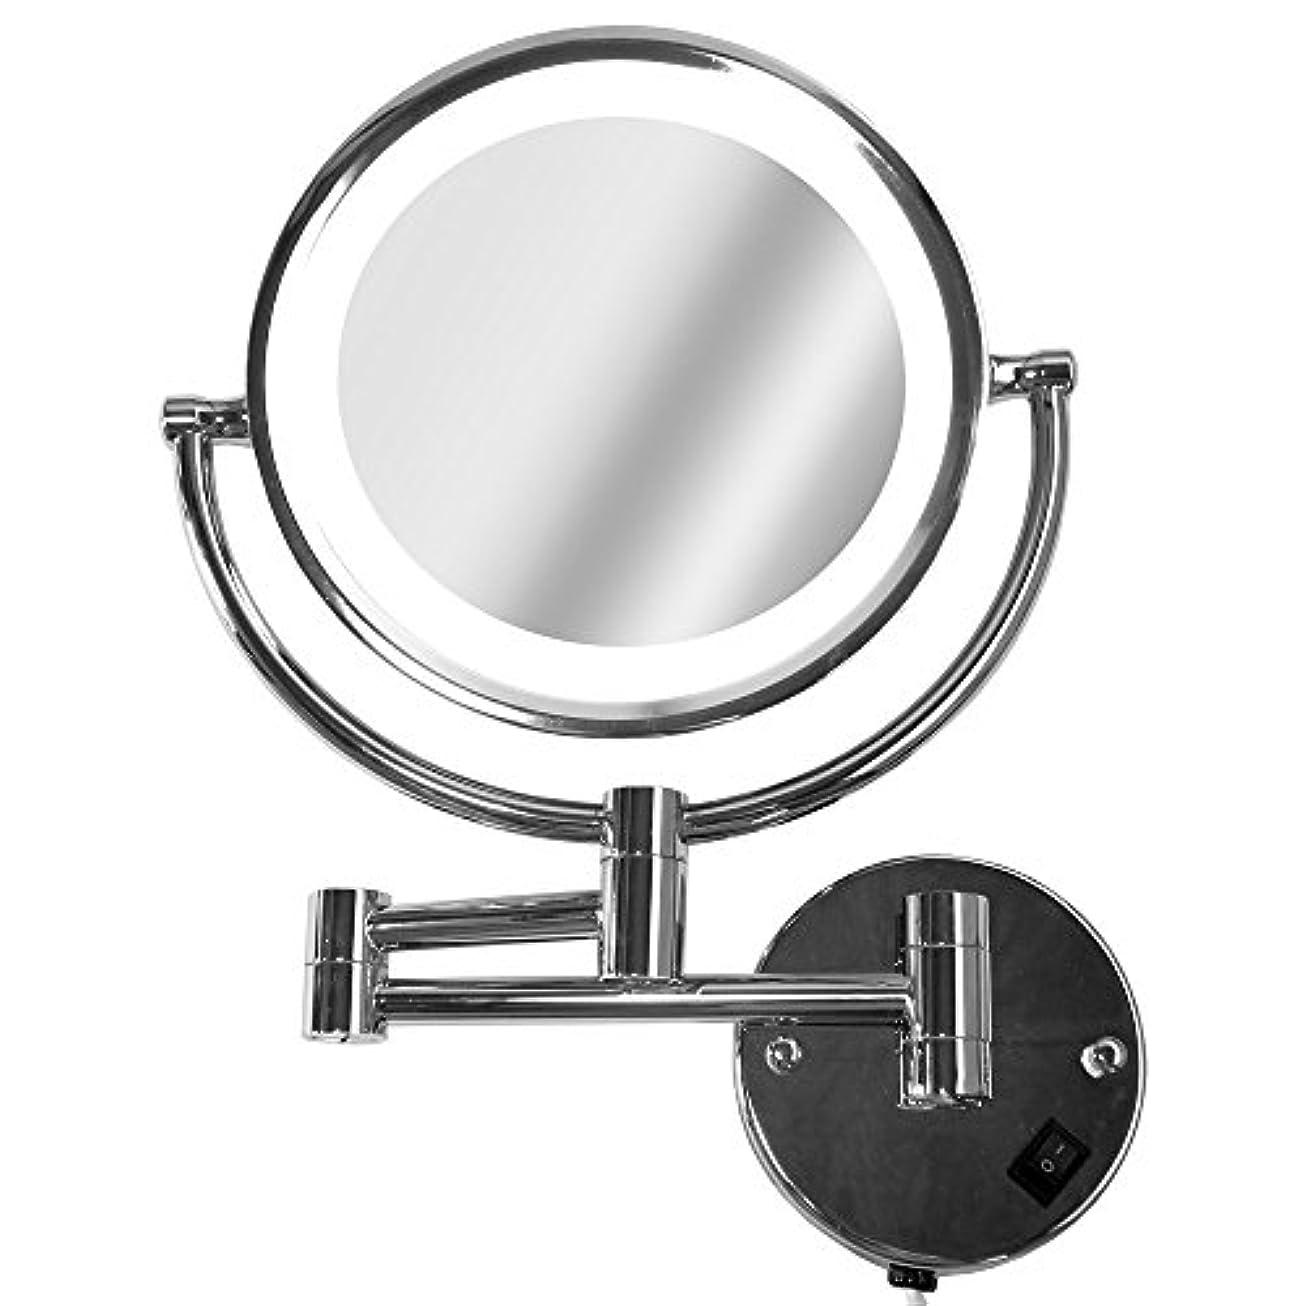 クレーン不安厳しいLa Curie アームミラー 壁付けミラー 拡大鏡 折りたたみホテルミラー LEDライト付 5倍 LaCurie014